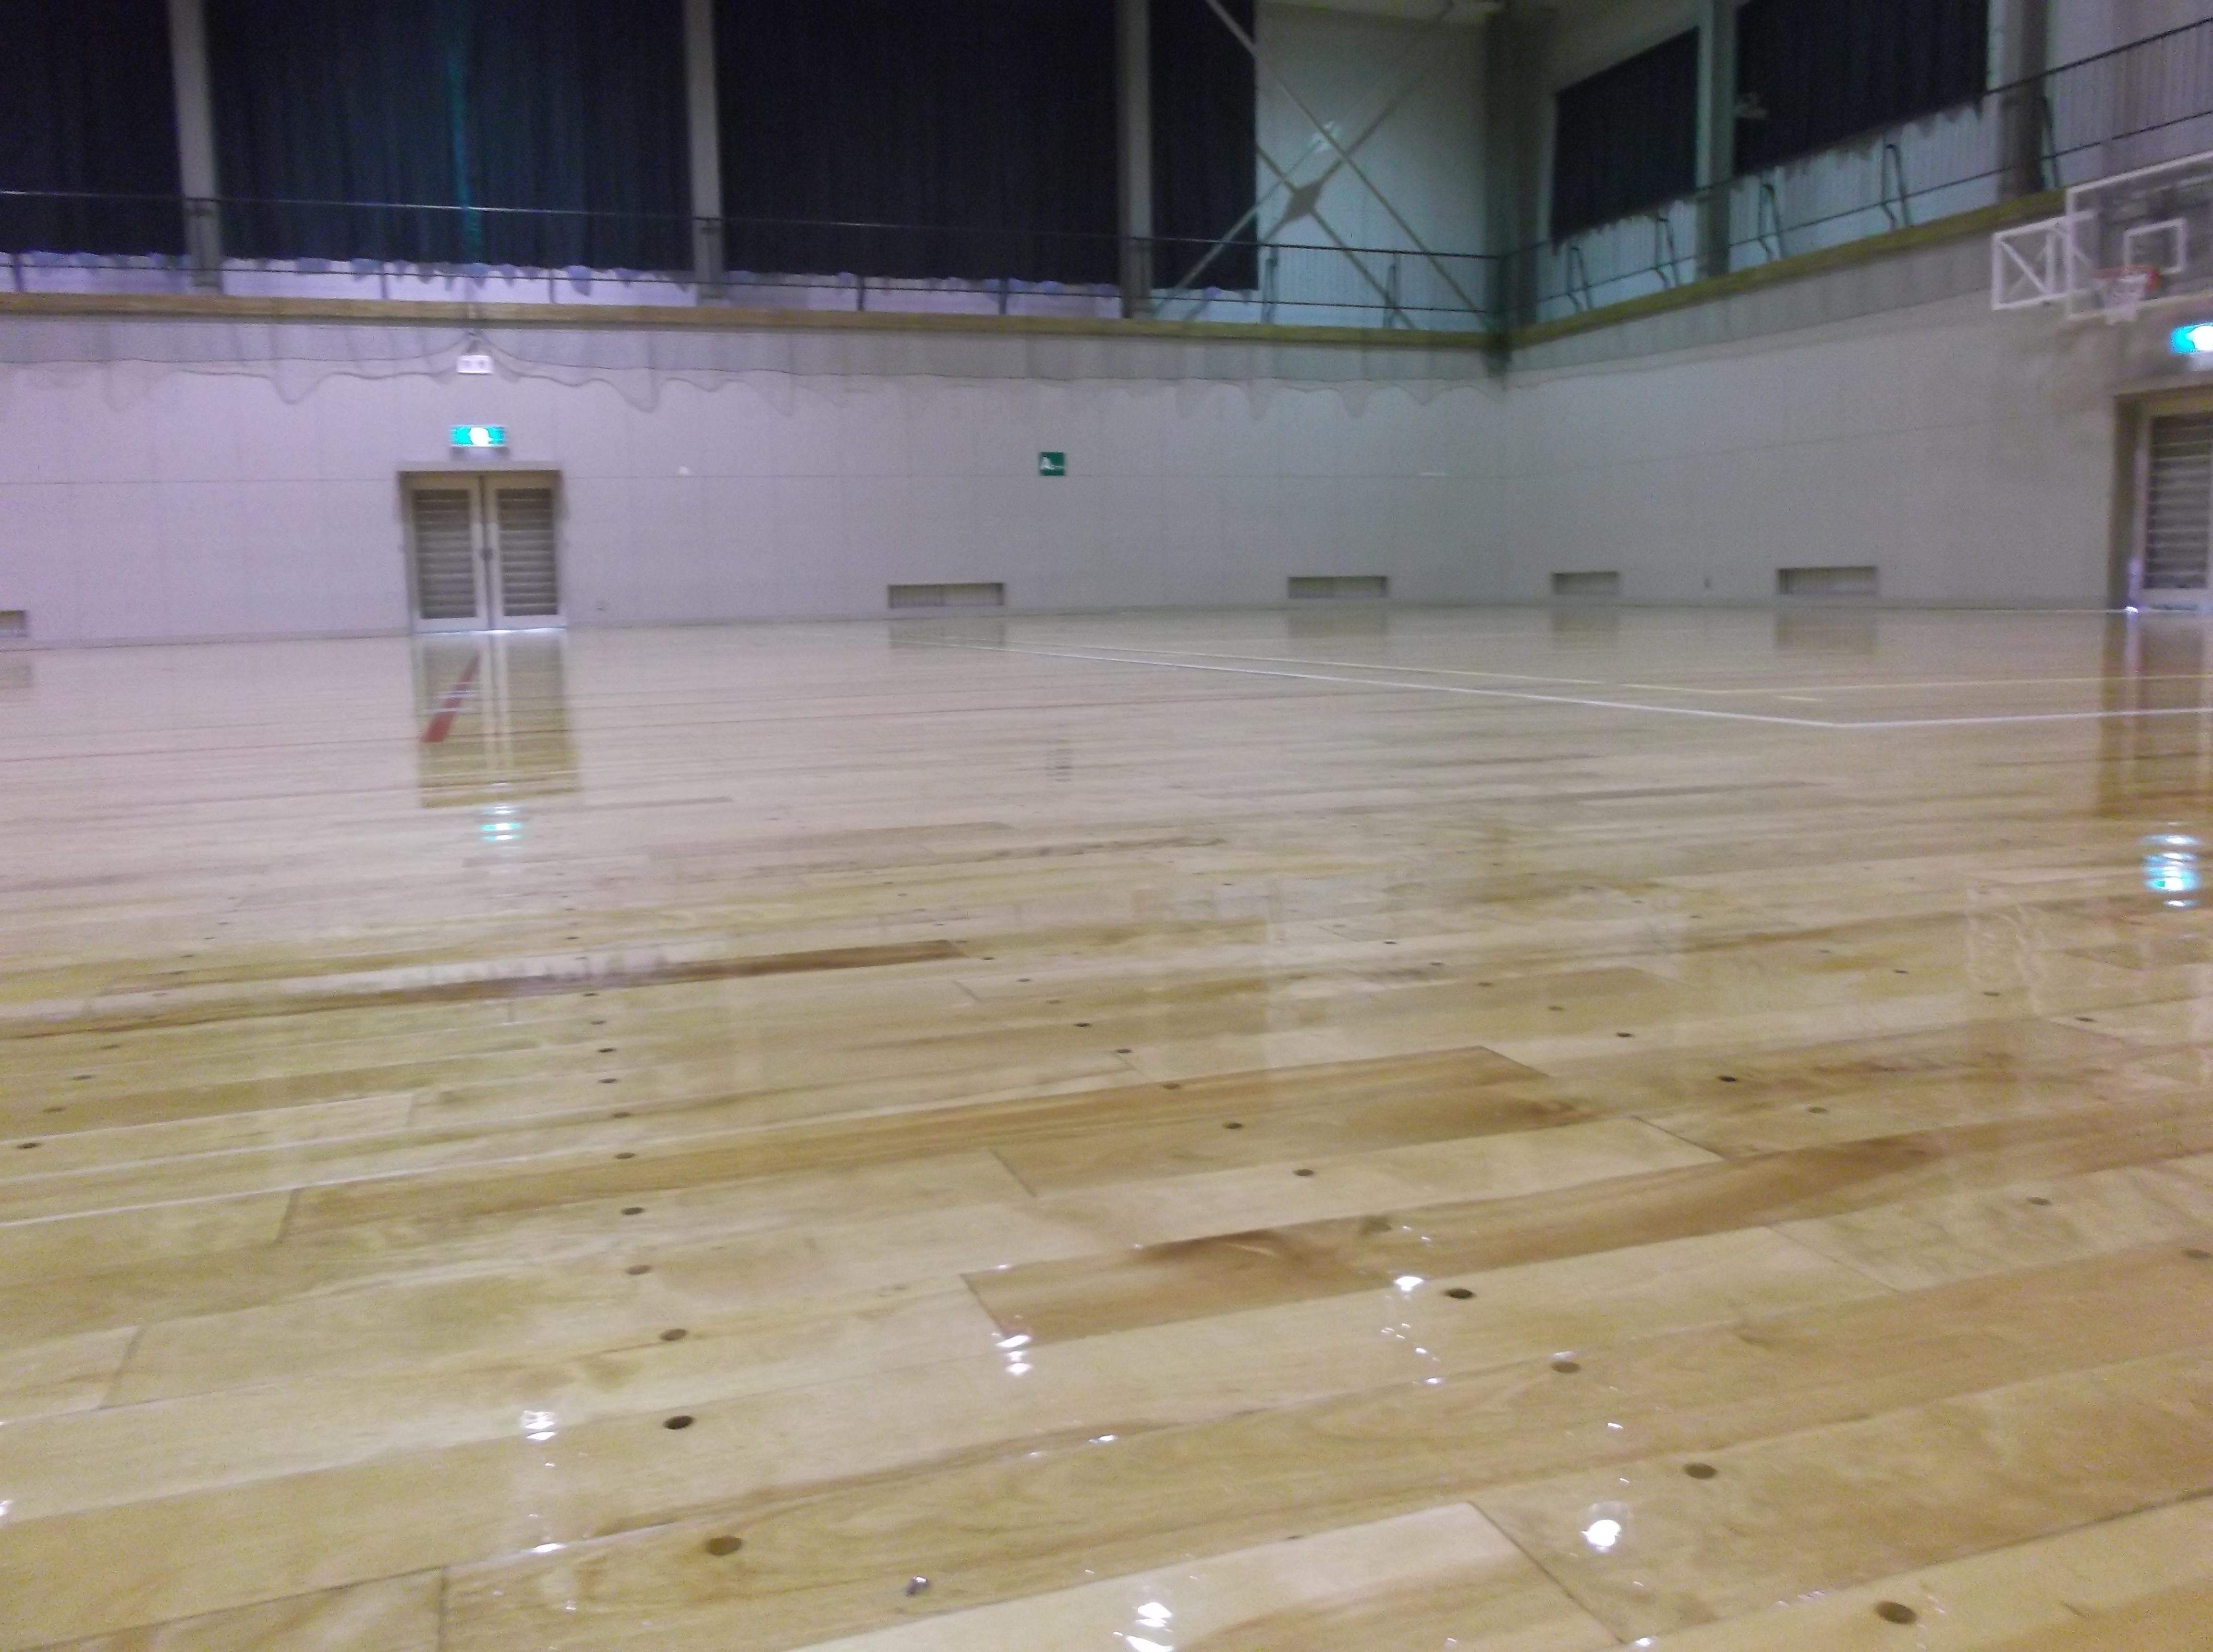 汚れがなくキレイに見える体育館床フローリングでも、利用時の汗や、補給のためのドリンクなどが飛び散り油脂や汚れとなってこびりついています。